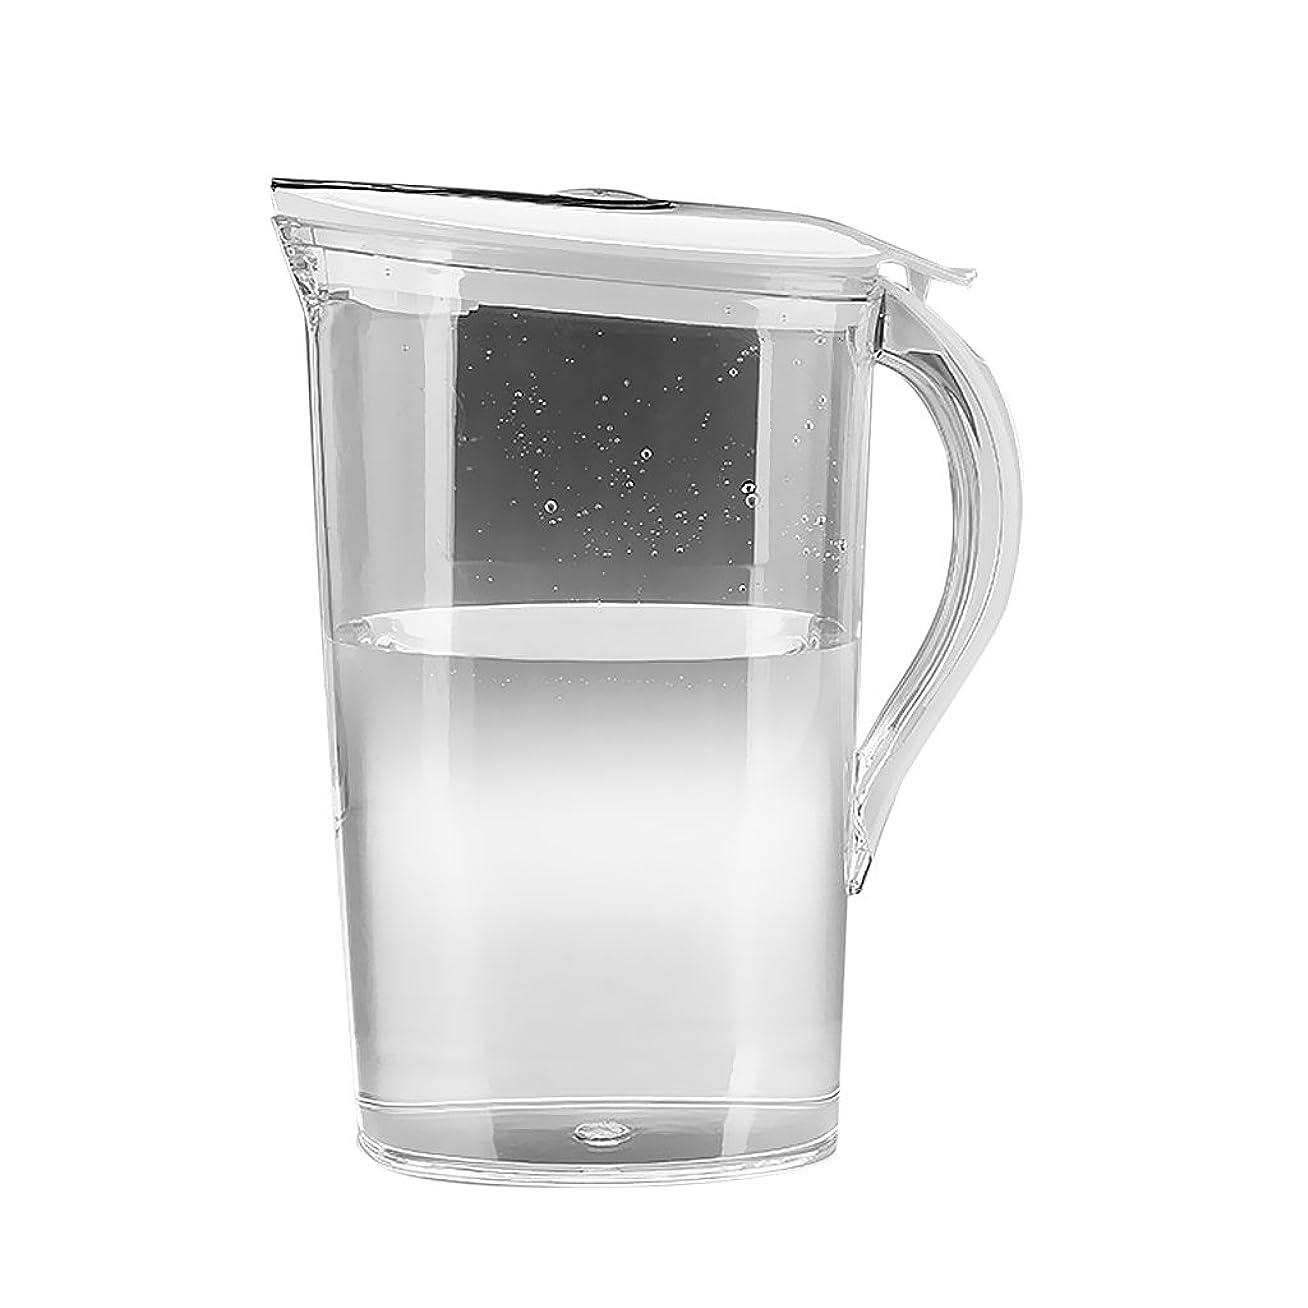 クラッチウィスキーアイデアピッチャー 水ポット アイスティー ジュースピッチャー 冷水筒 2.1リットル 家庭用 業務用